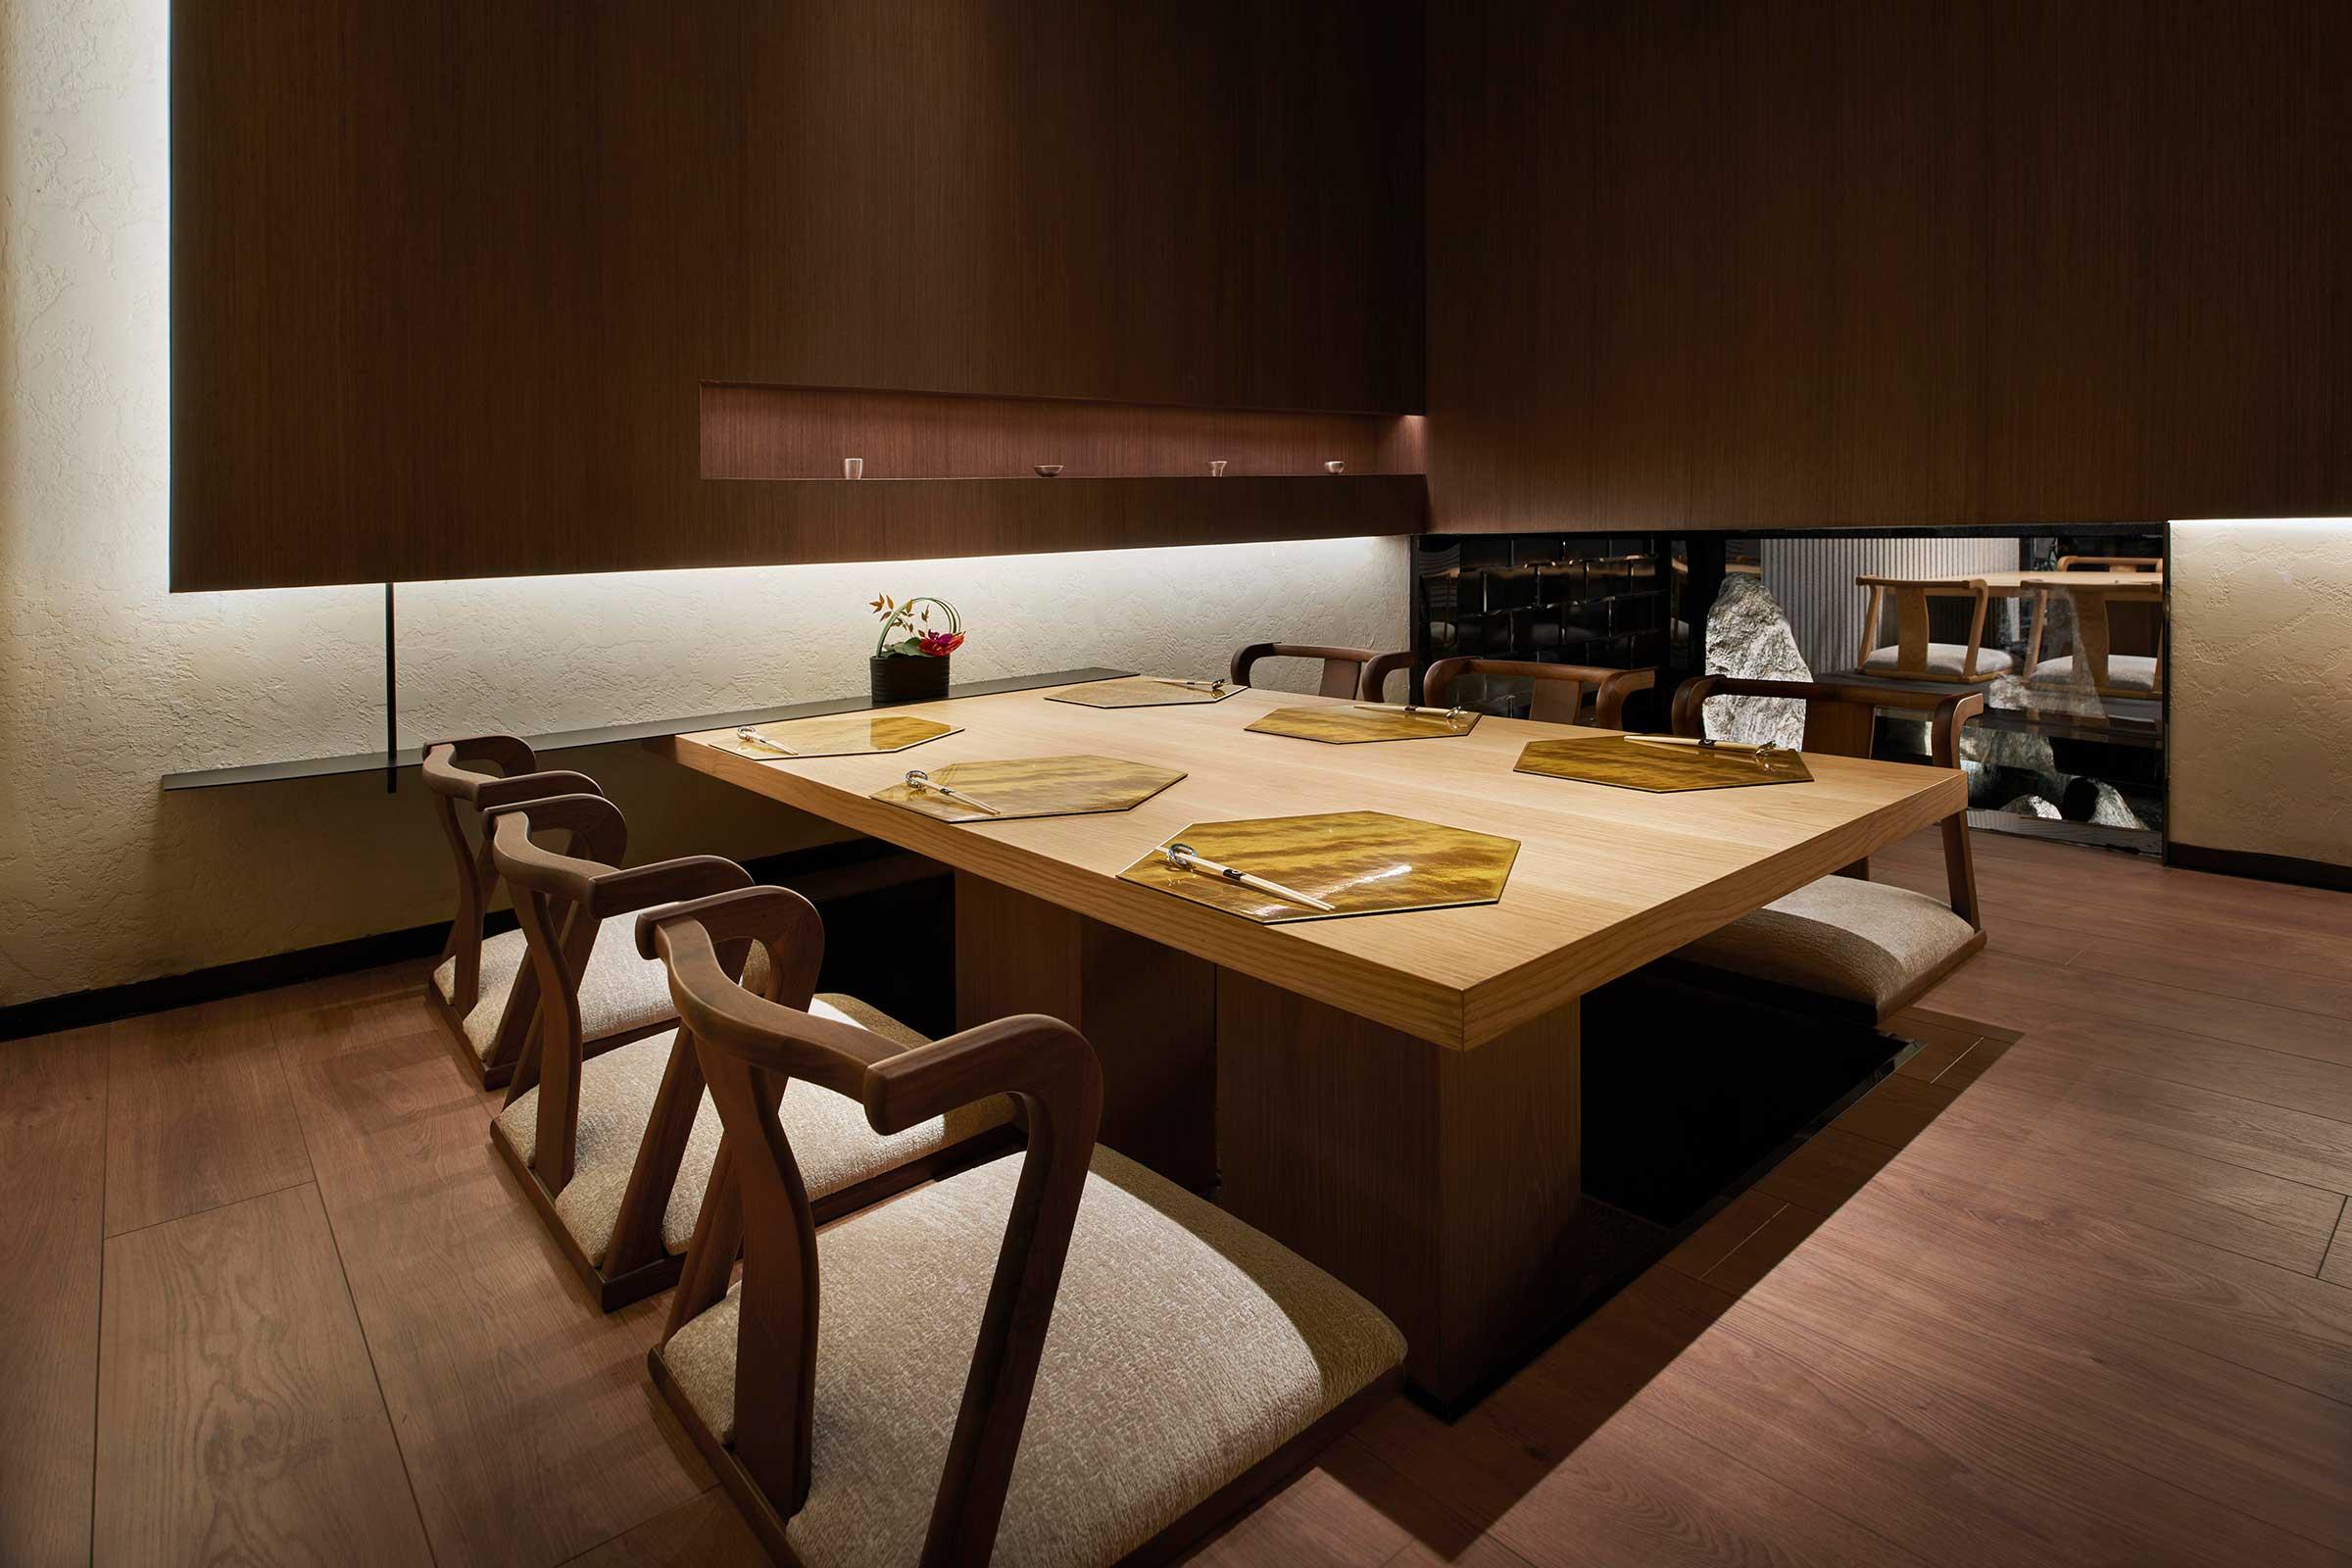 6-person-tatami-room-b.jpg